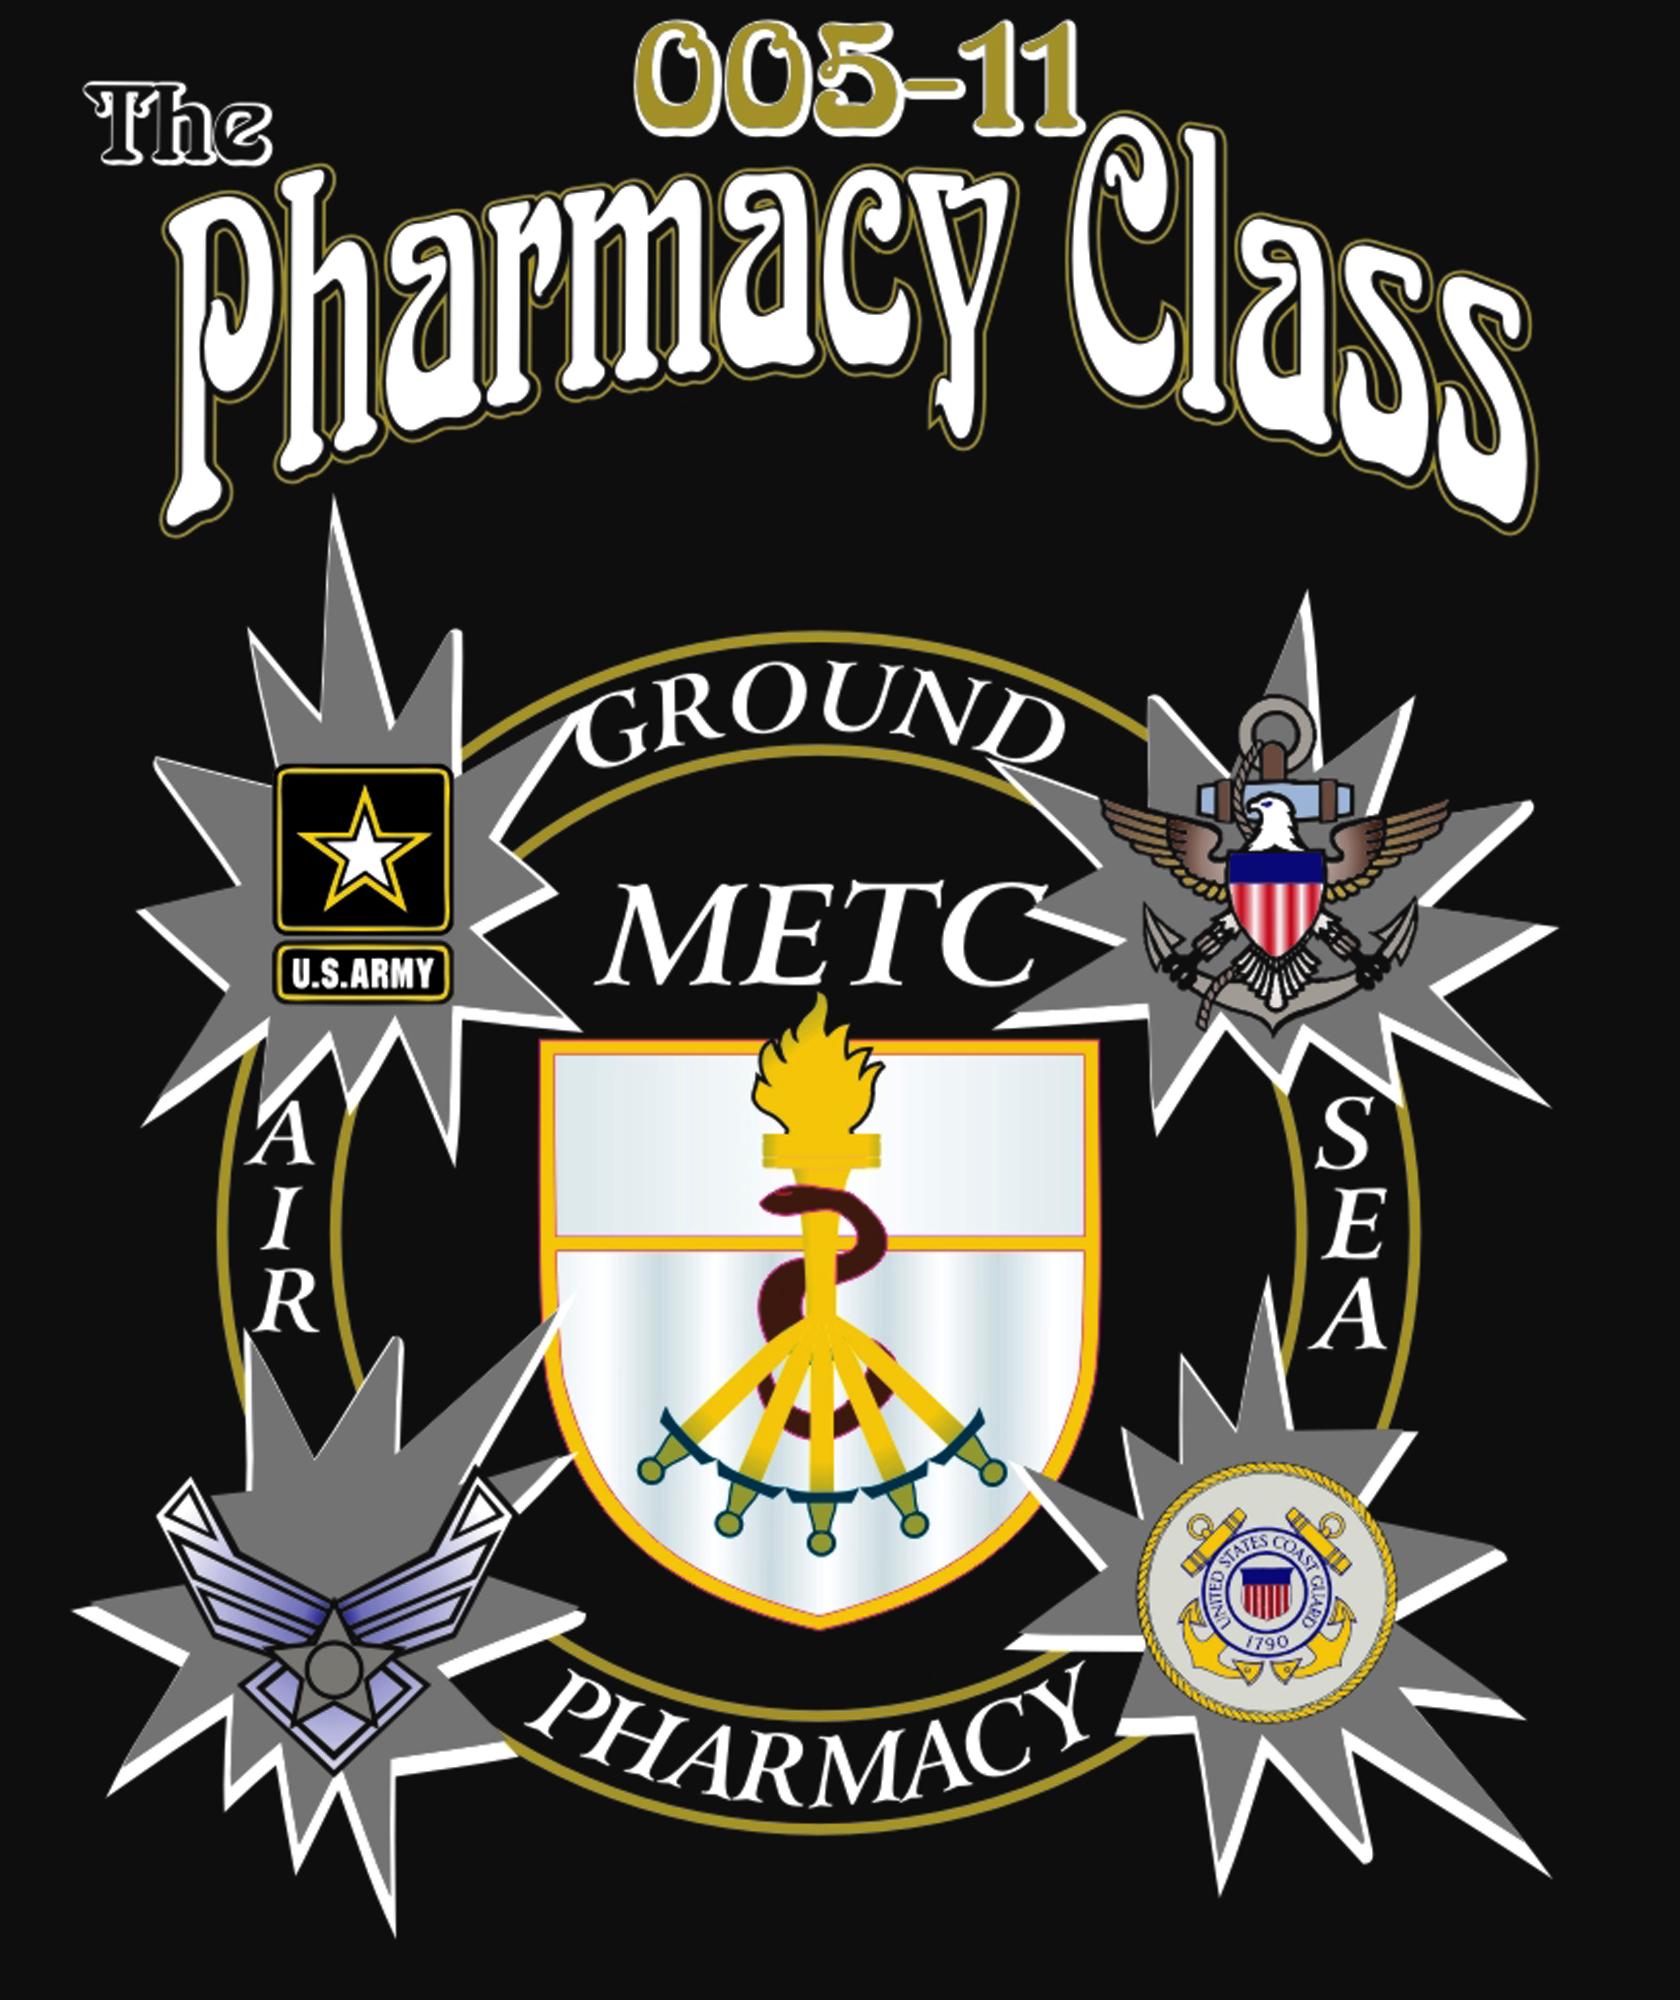 Pharmacy class.jpg